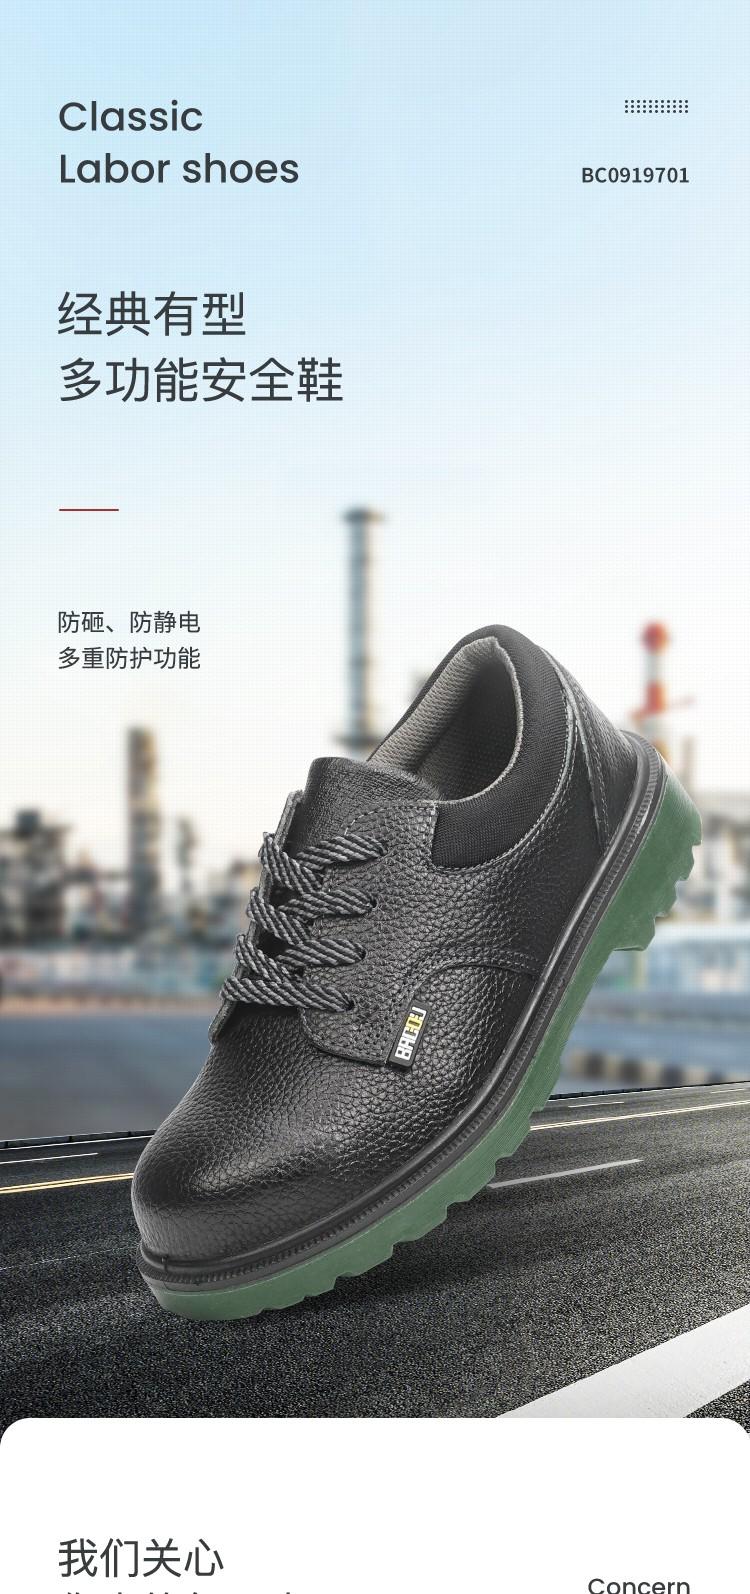 Honeywell霍尼韦尔BC0919701-35ECO经济款低帮安全鞋35